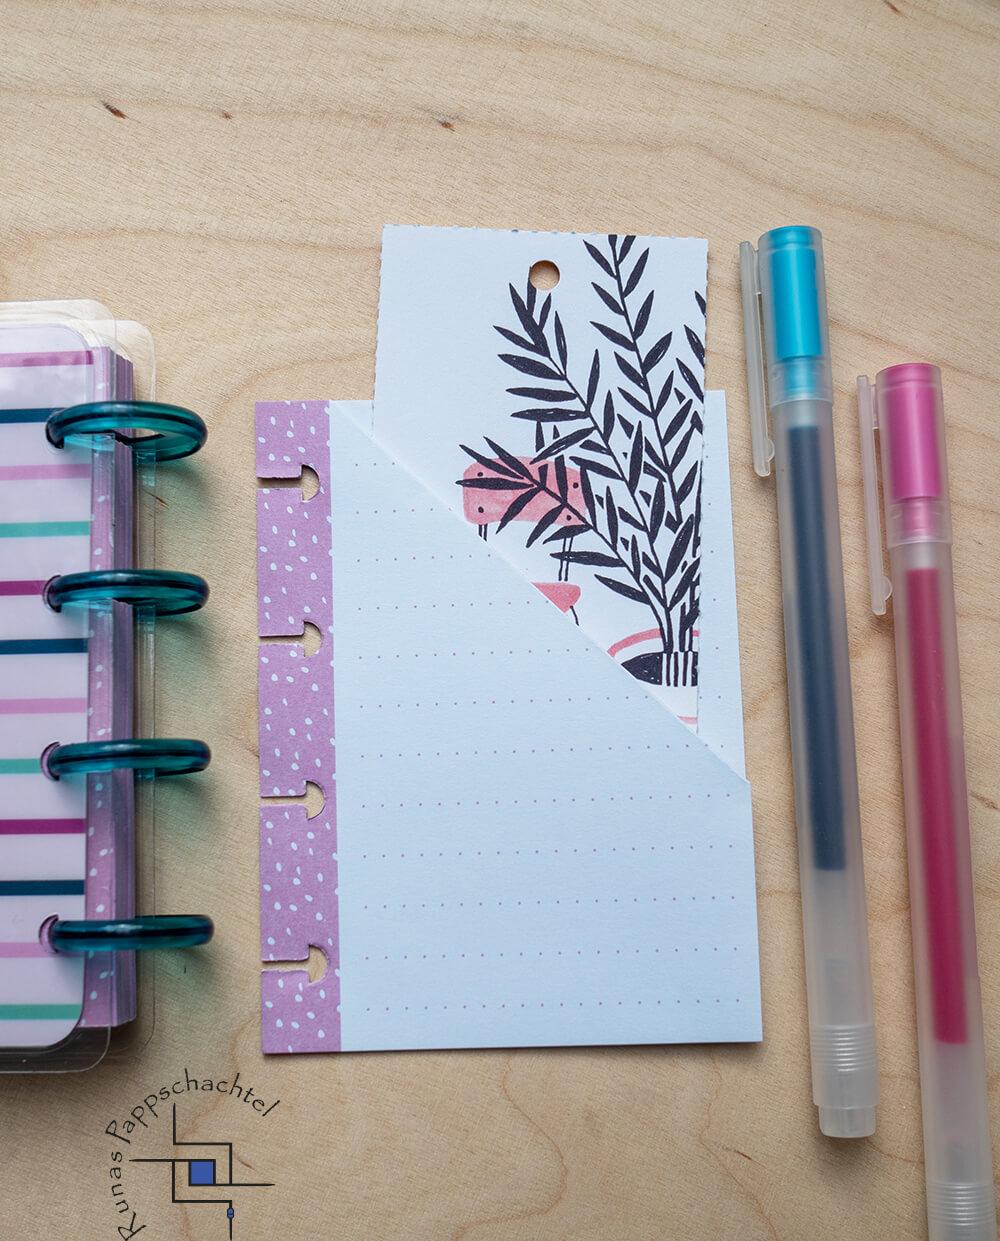 Einstecktasche für Discbound Notebooks 10 pappschachtel.eu